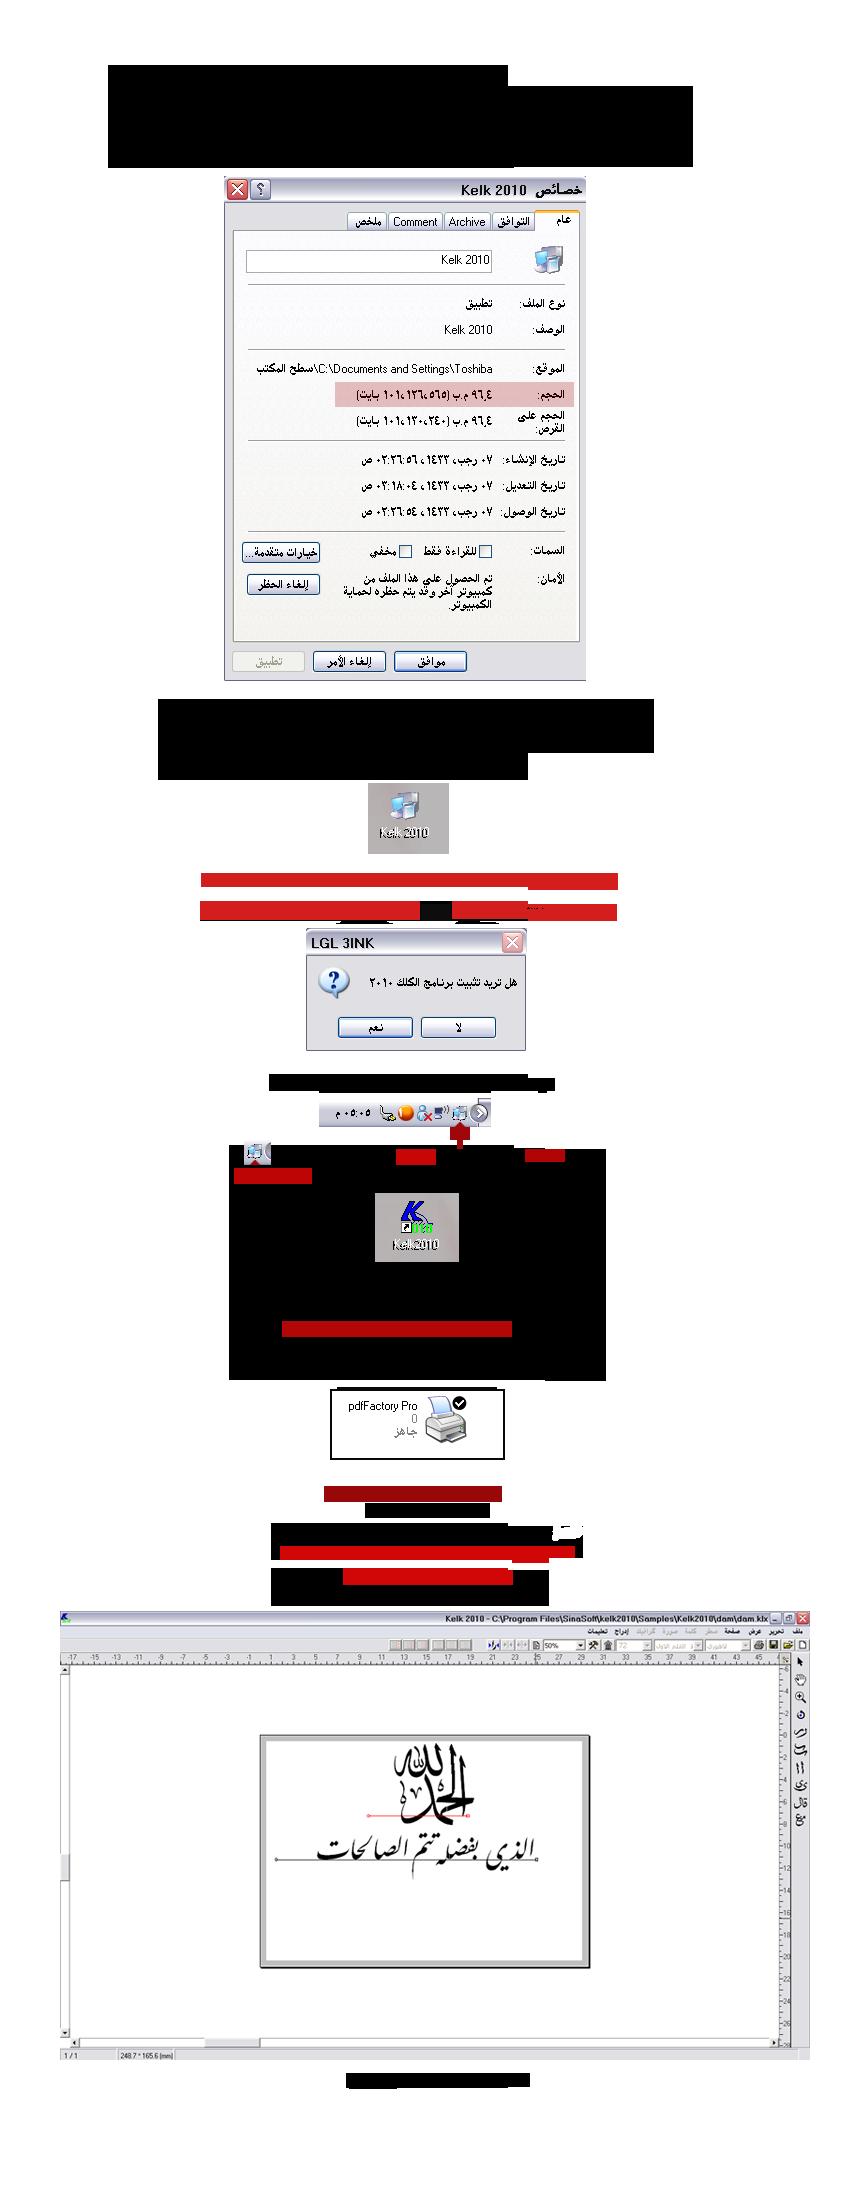 طريقة تثبيت برنامج الكلك 2010 Bnatsa10